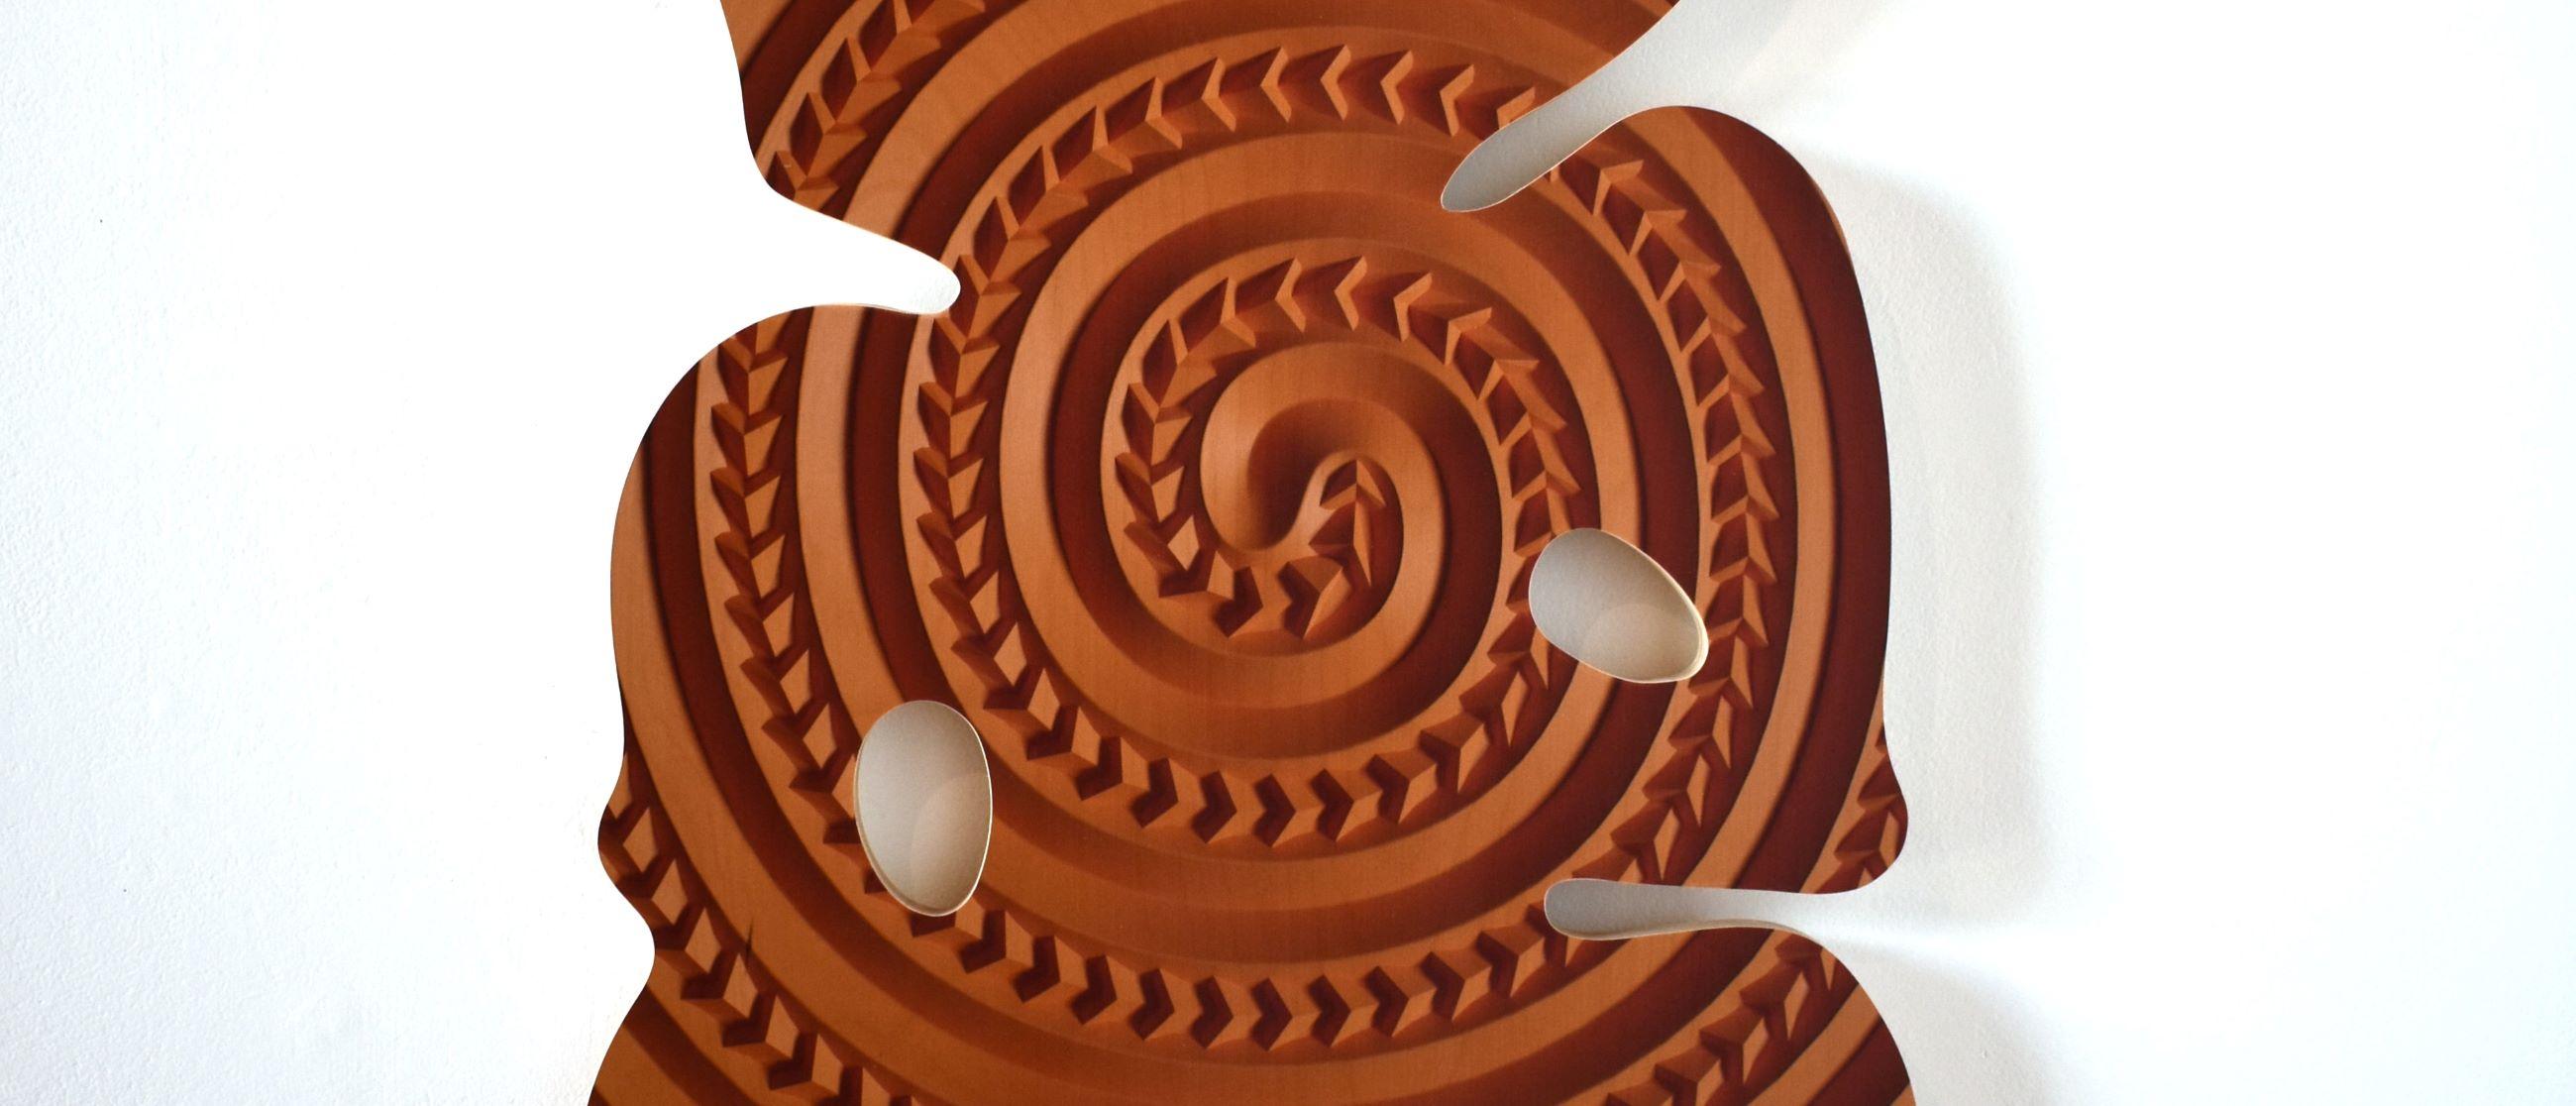 Detail orange hei tiki, Kereama Taepa for Te Ao Mariko at Ramp Gallery